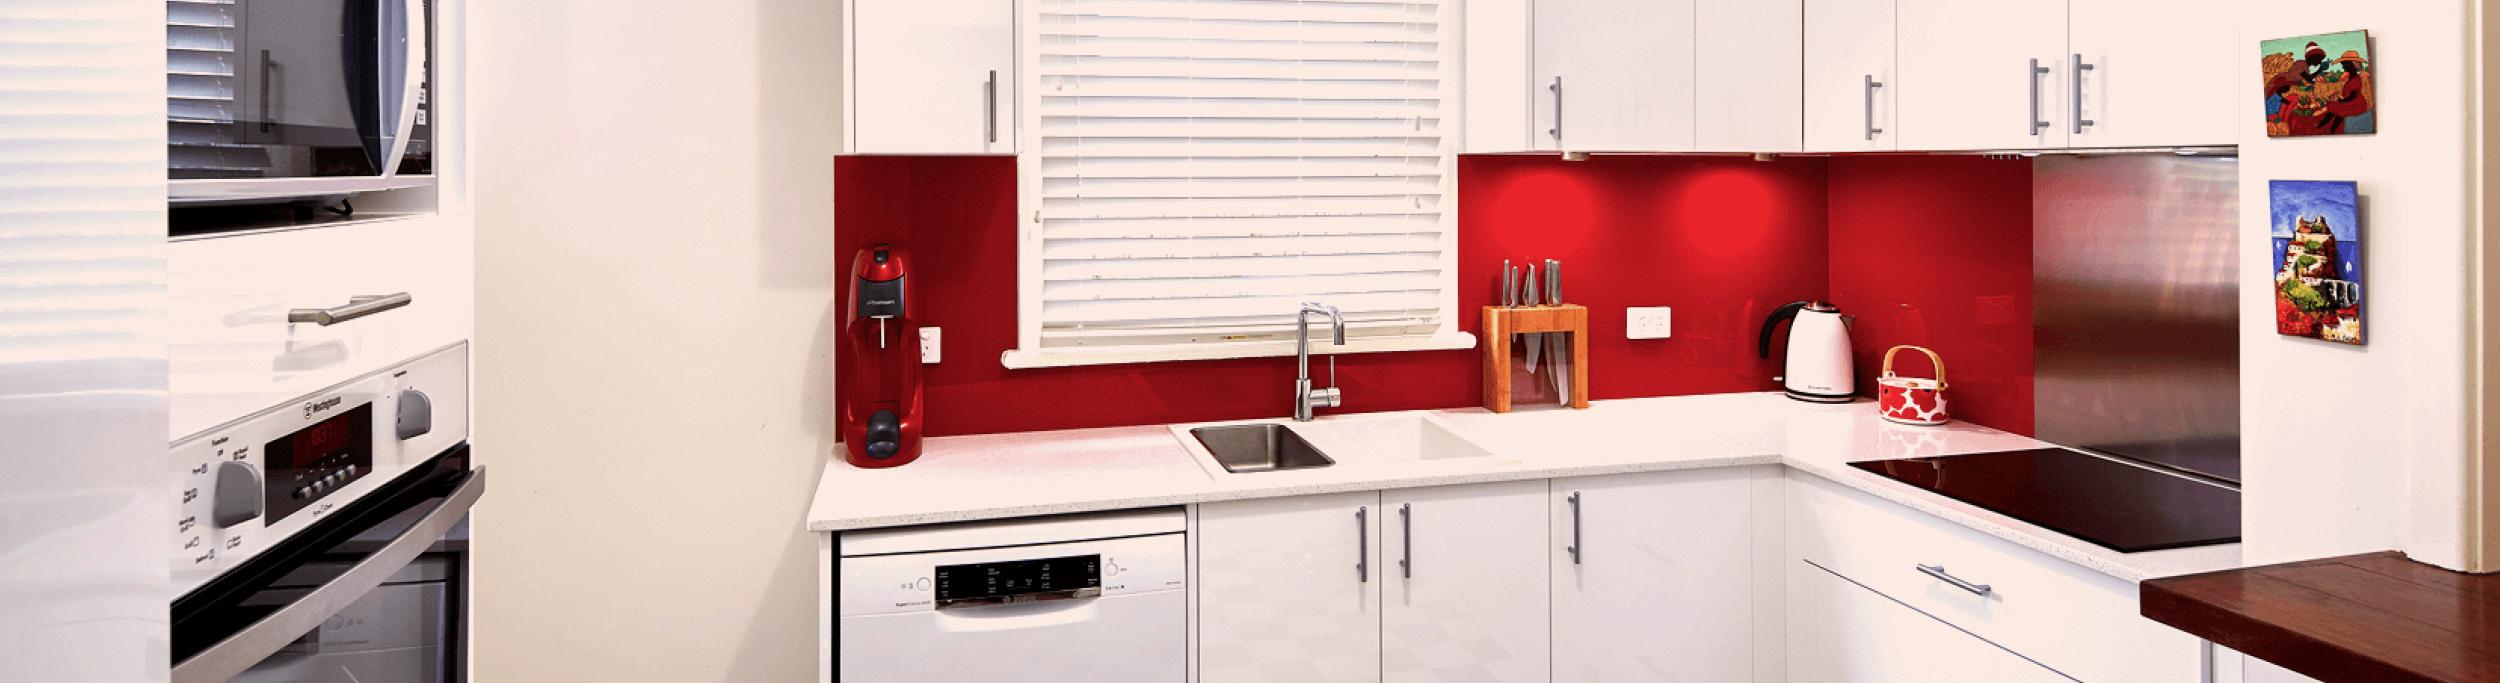 claremont-kitchen.jpg